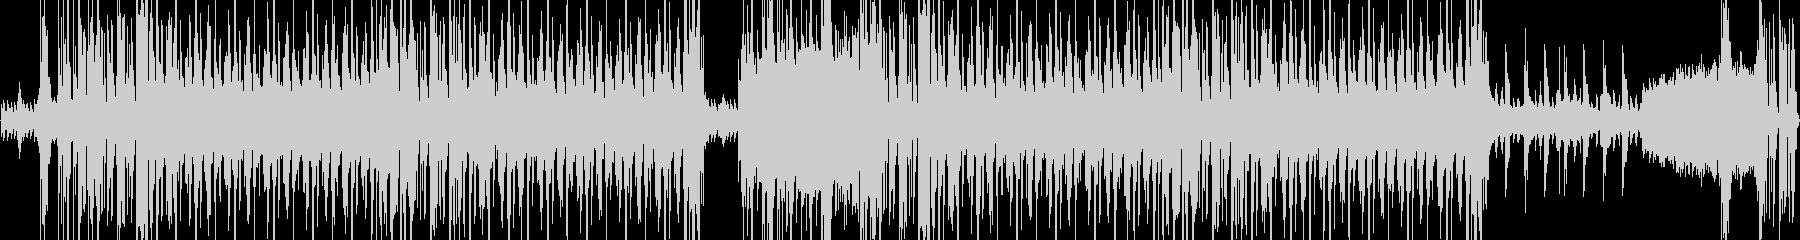 ダークだがフックのあるスローなEDMの未再生の波形